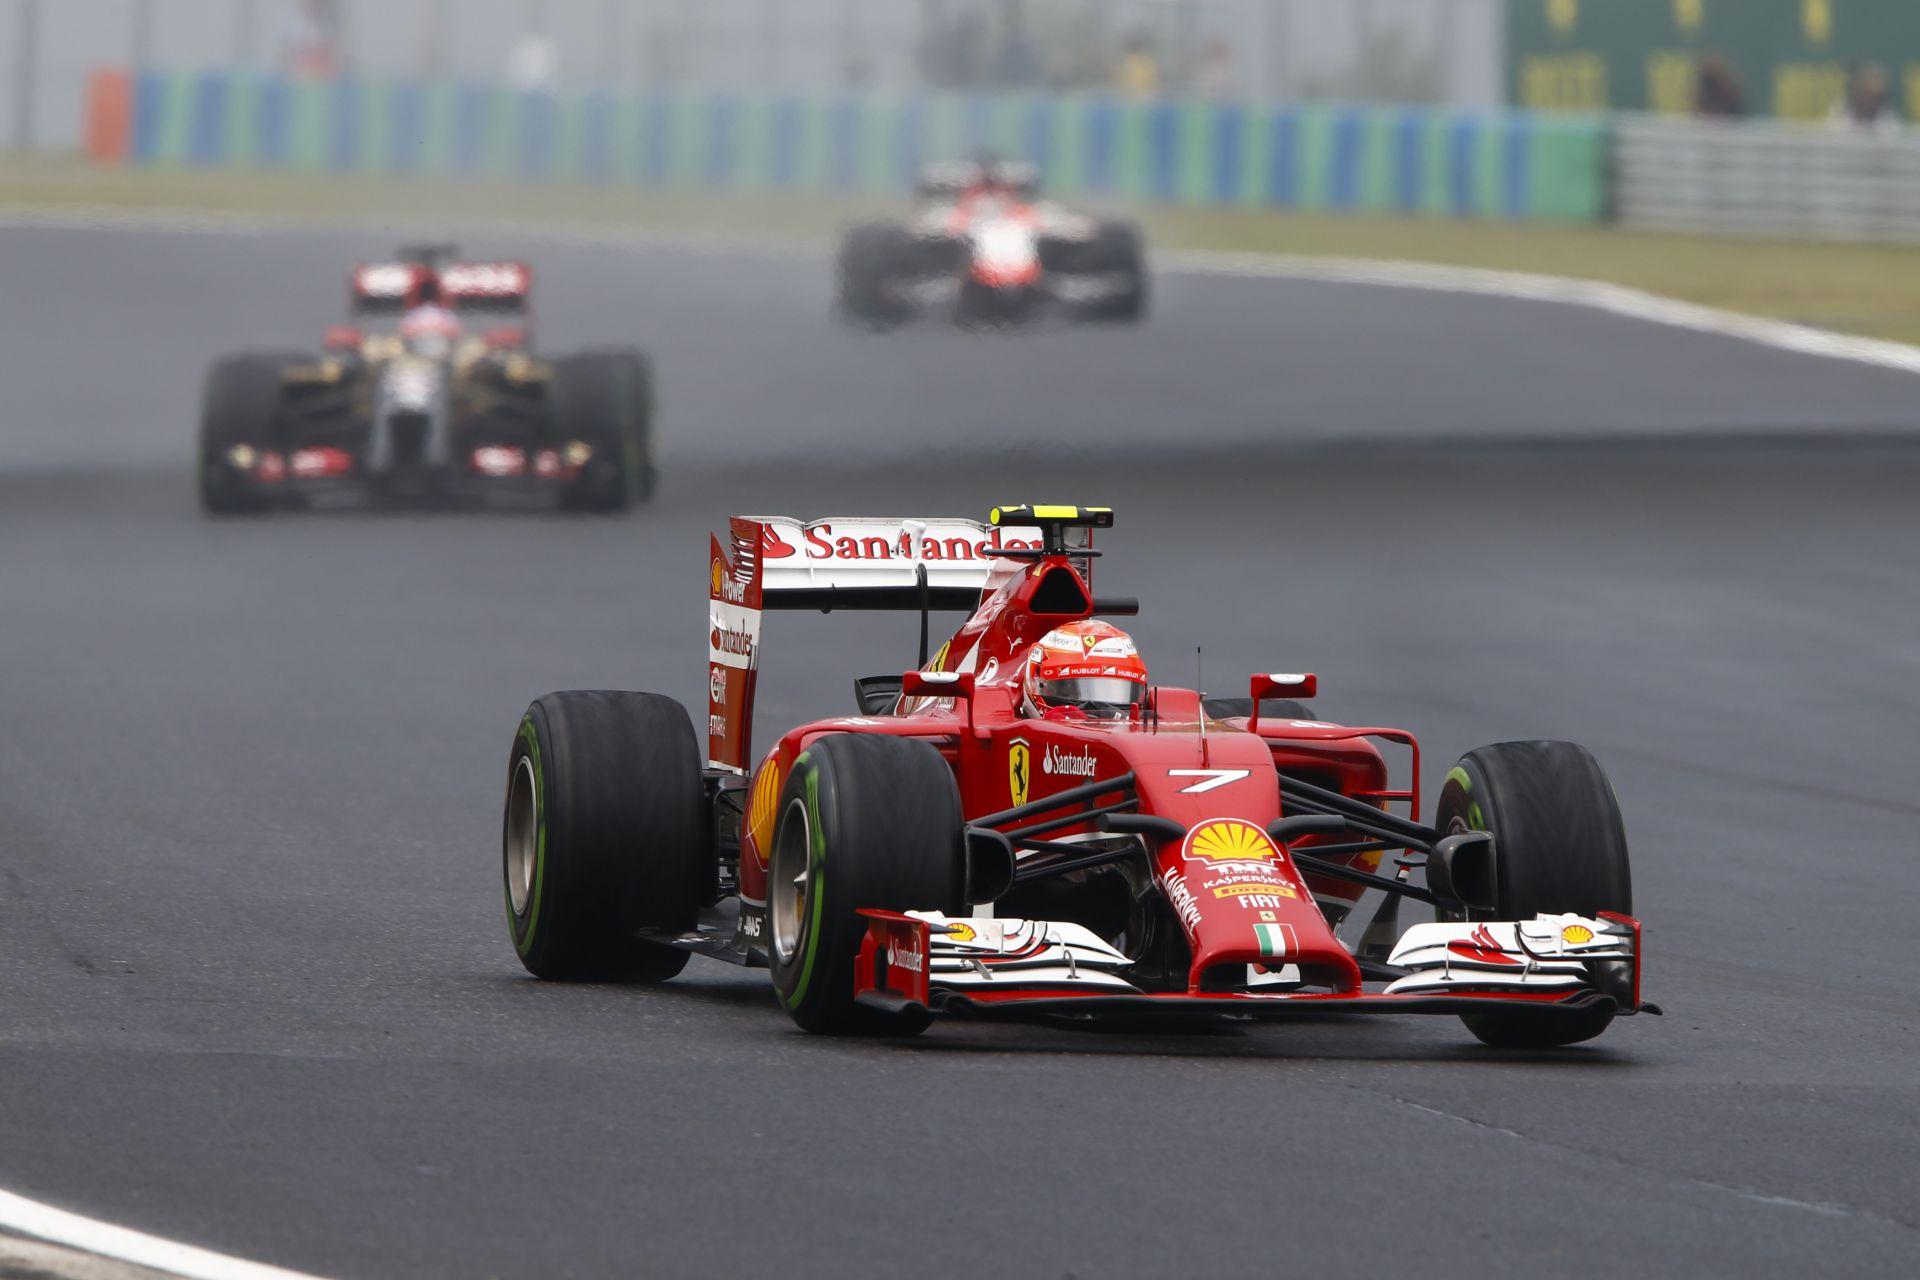 Raikkönen saját magától biztosan nem hajlandó elhagyni a Ferrarit